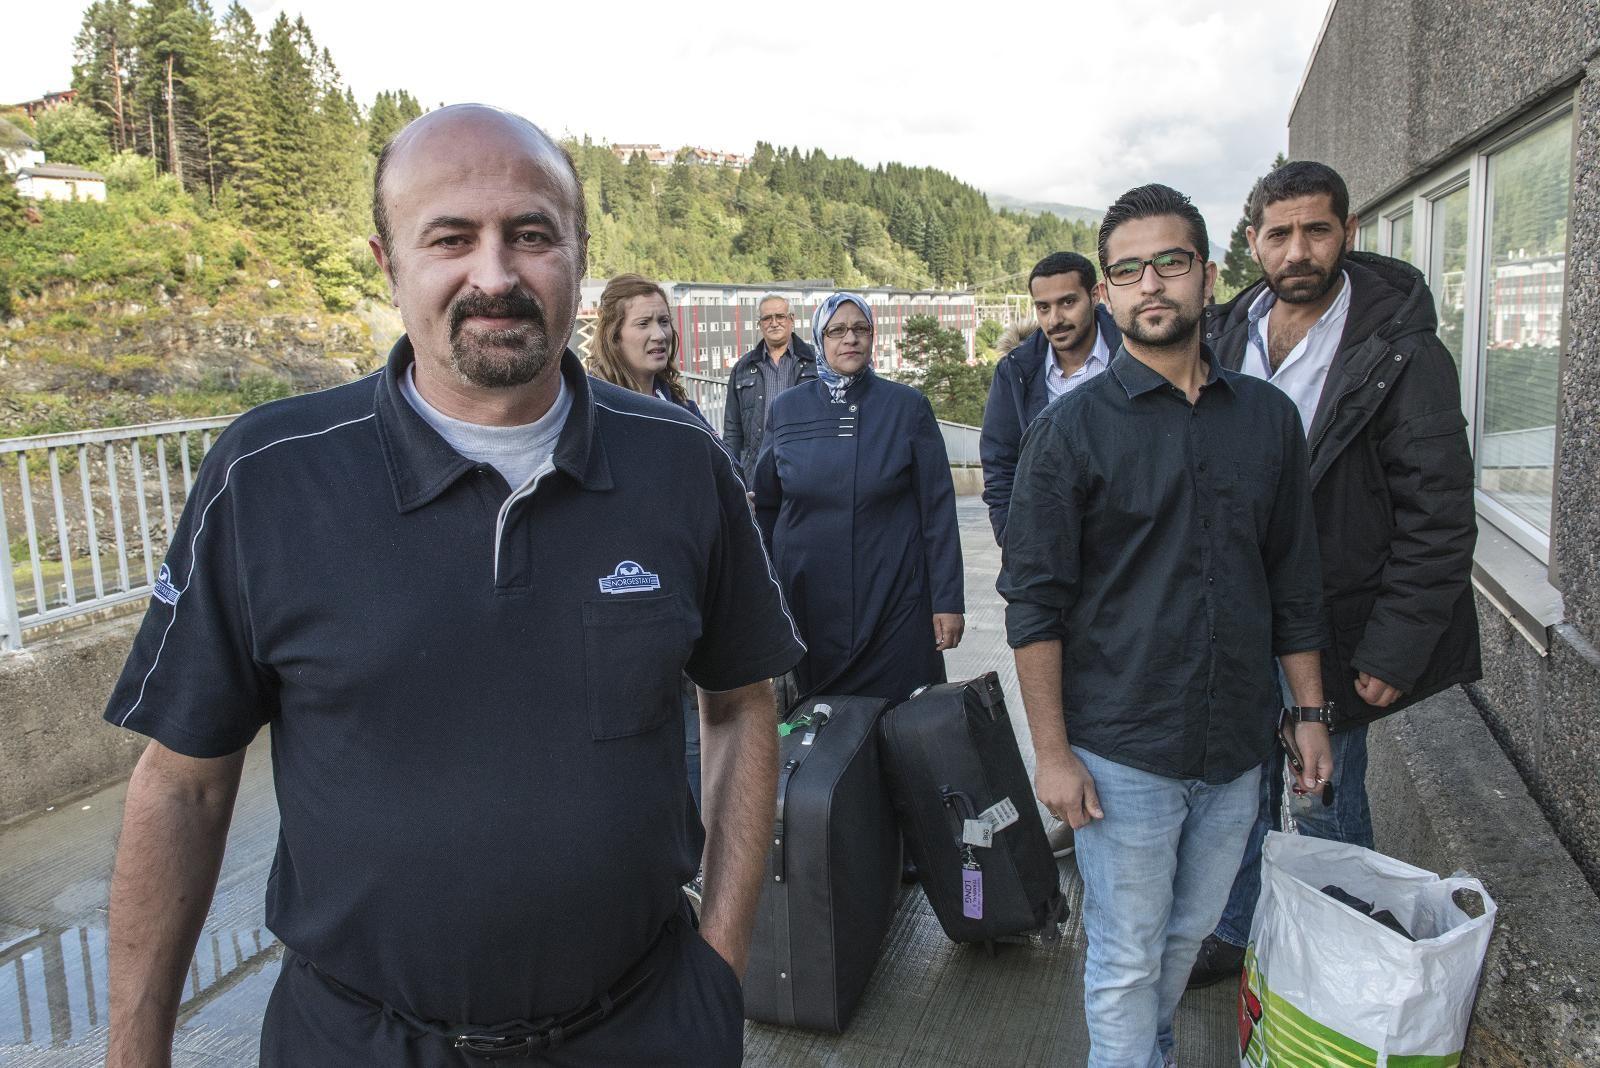 KLÆR TIL SYRERE; Drosjesjåfør Foad Hammoudeh (fremst) og konen hadde samlet sammen de hadde til overs av barneklær hjemme i Vadmyra. Syreren ga klærne til Alamal Forening i Bergen, som vil sende en fullastet container til flyktningleirene i Libanon.